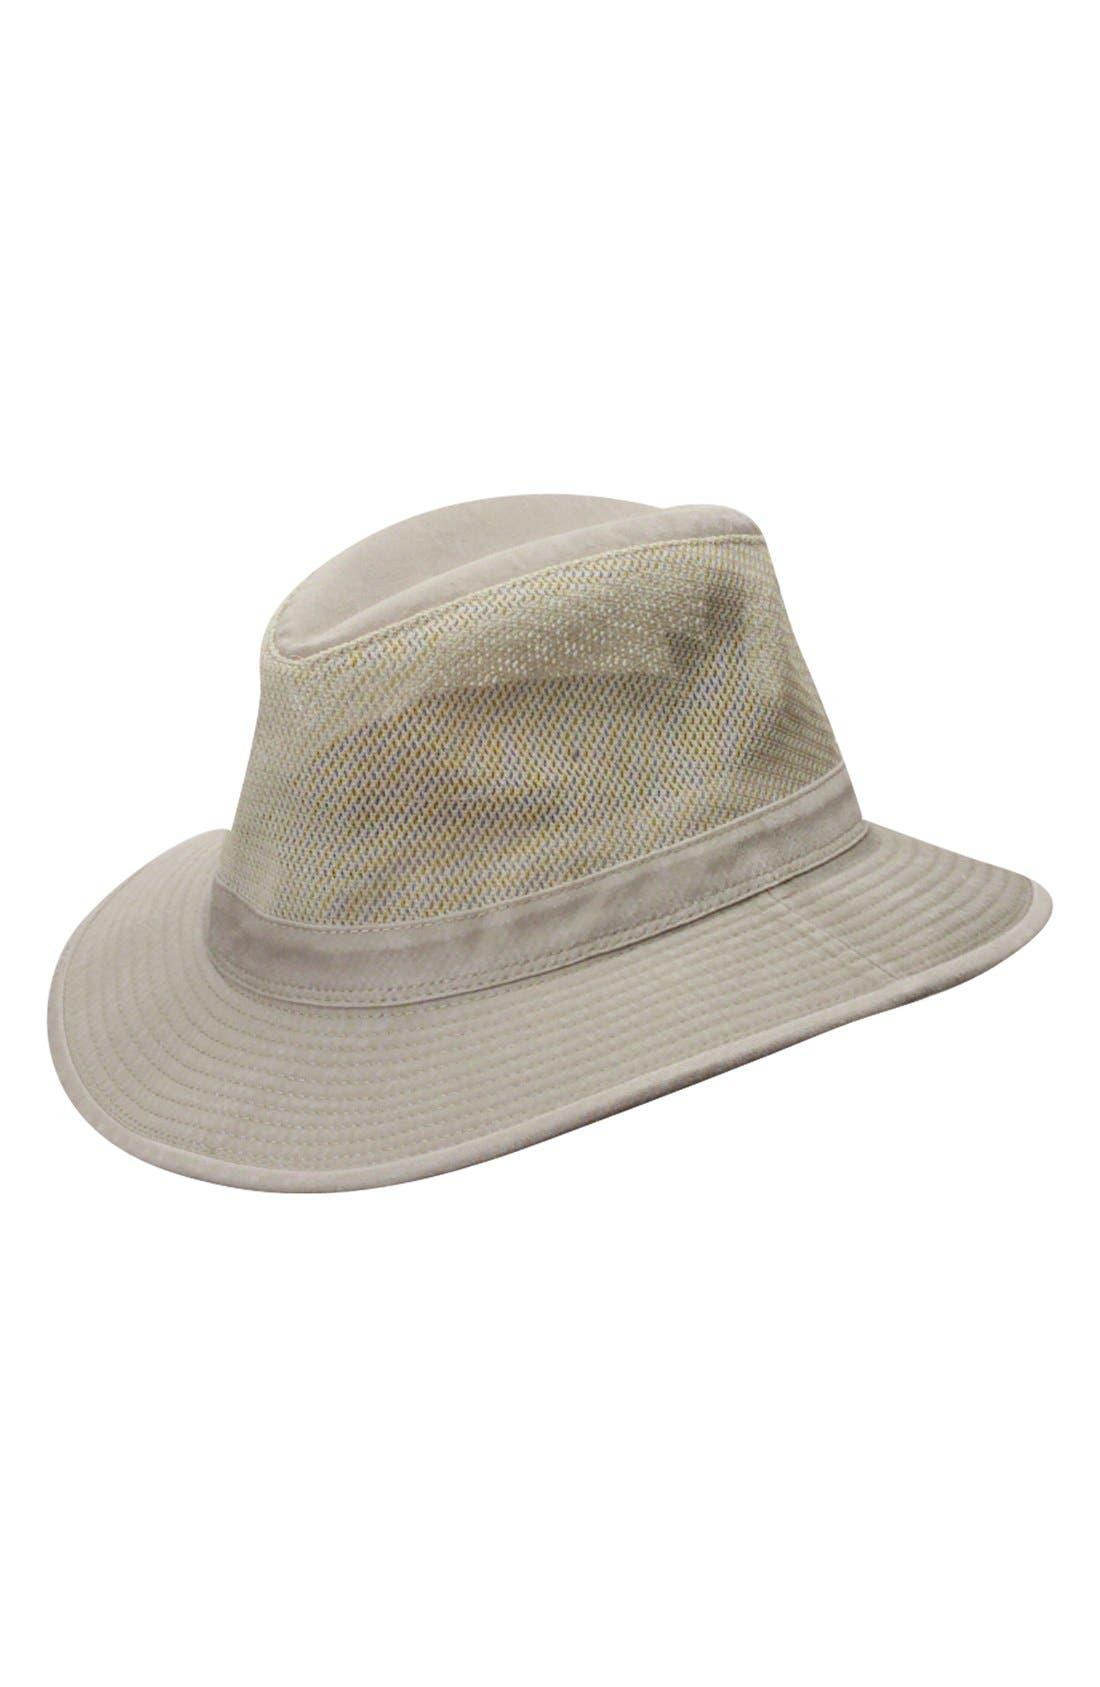 Dorfman Pacific Washed Twill & Mesh Safari Hat